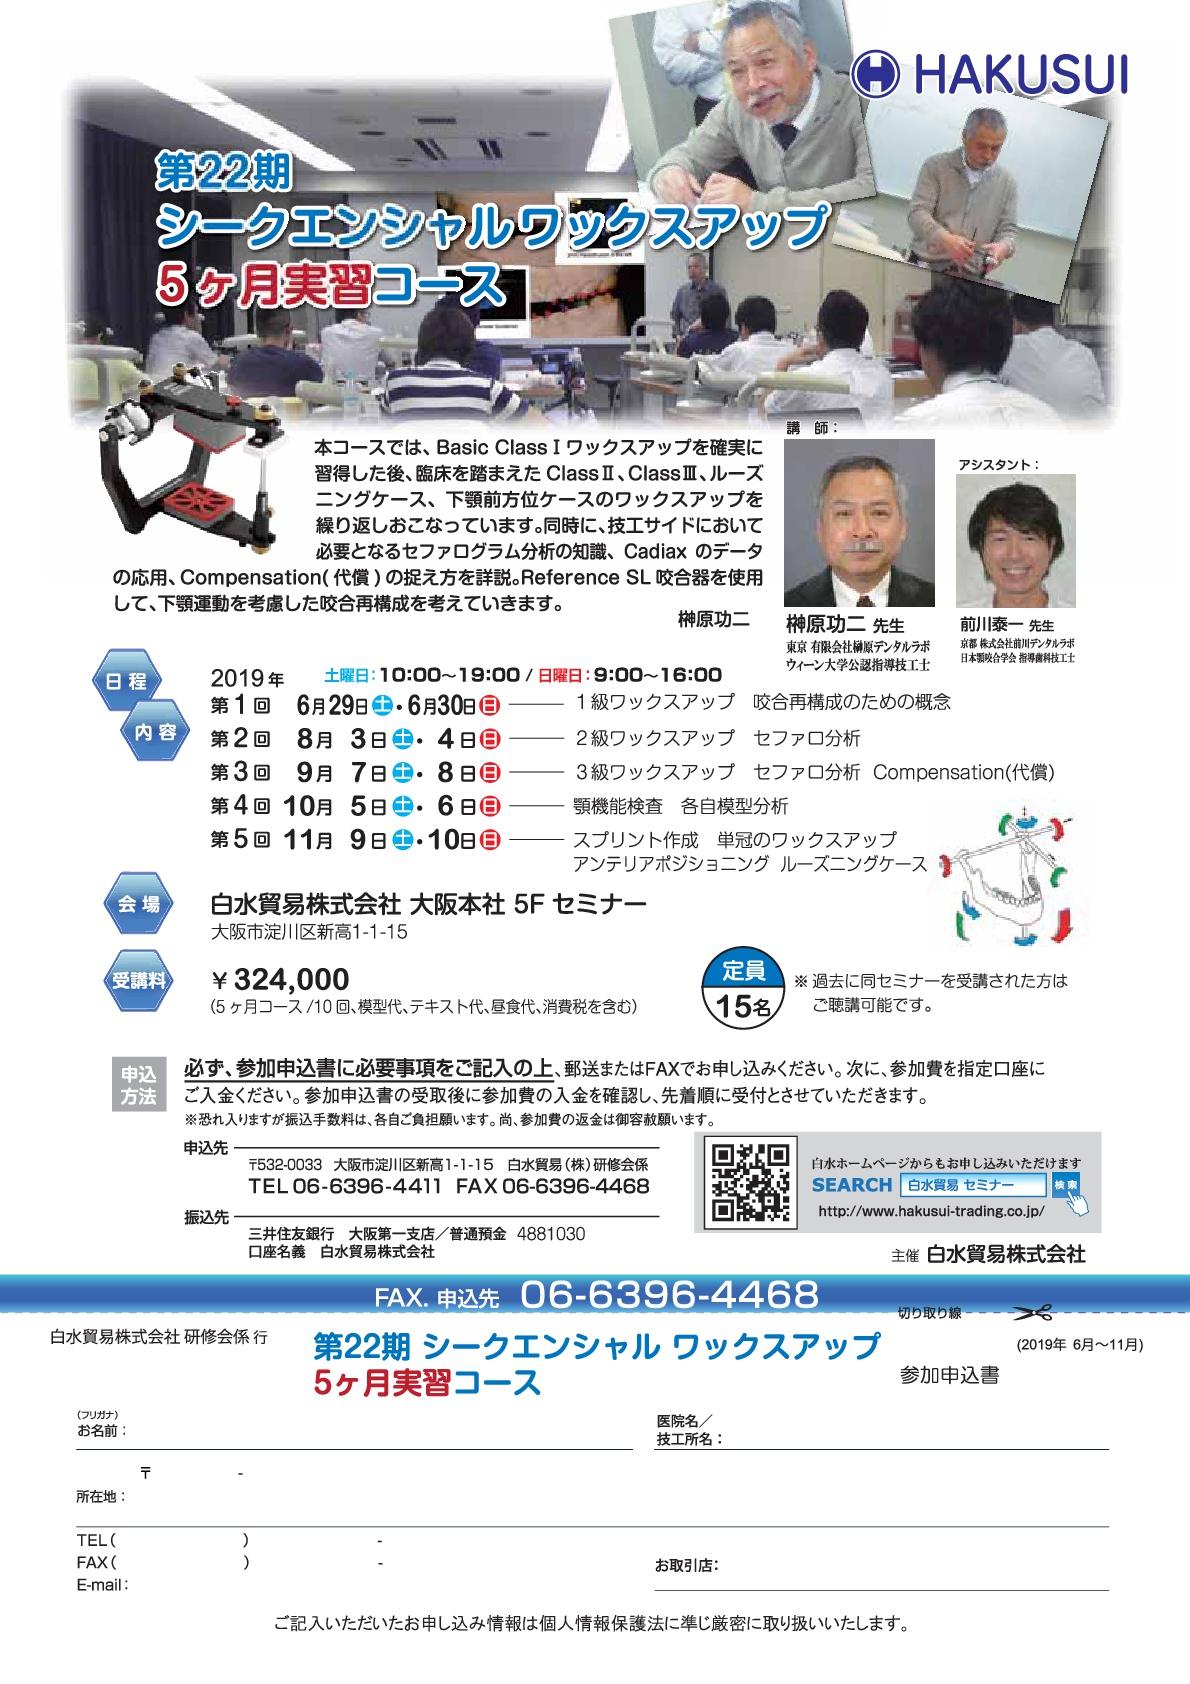 【大阪】シークエンシャルワックスアップ5ヶ月実習コース歯科技工士